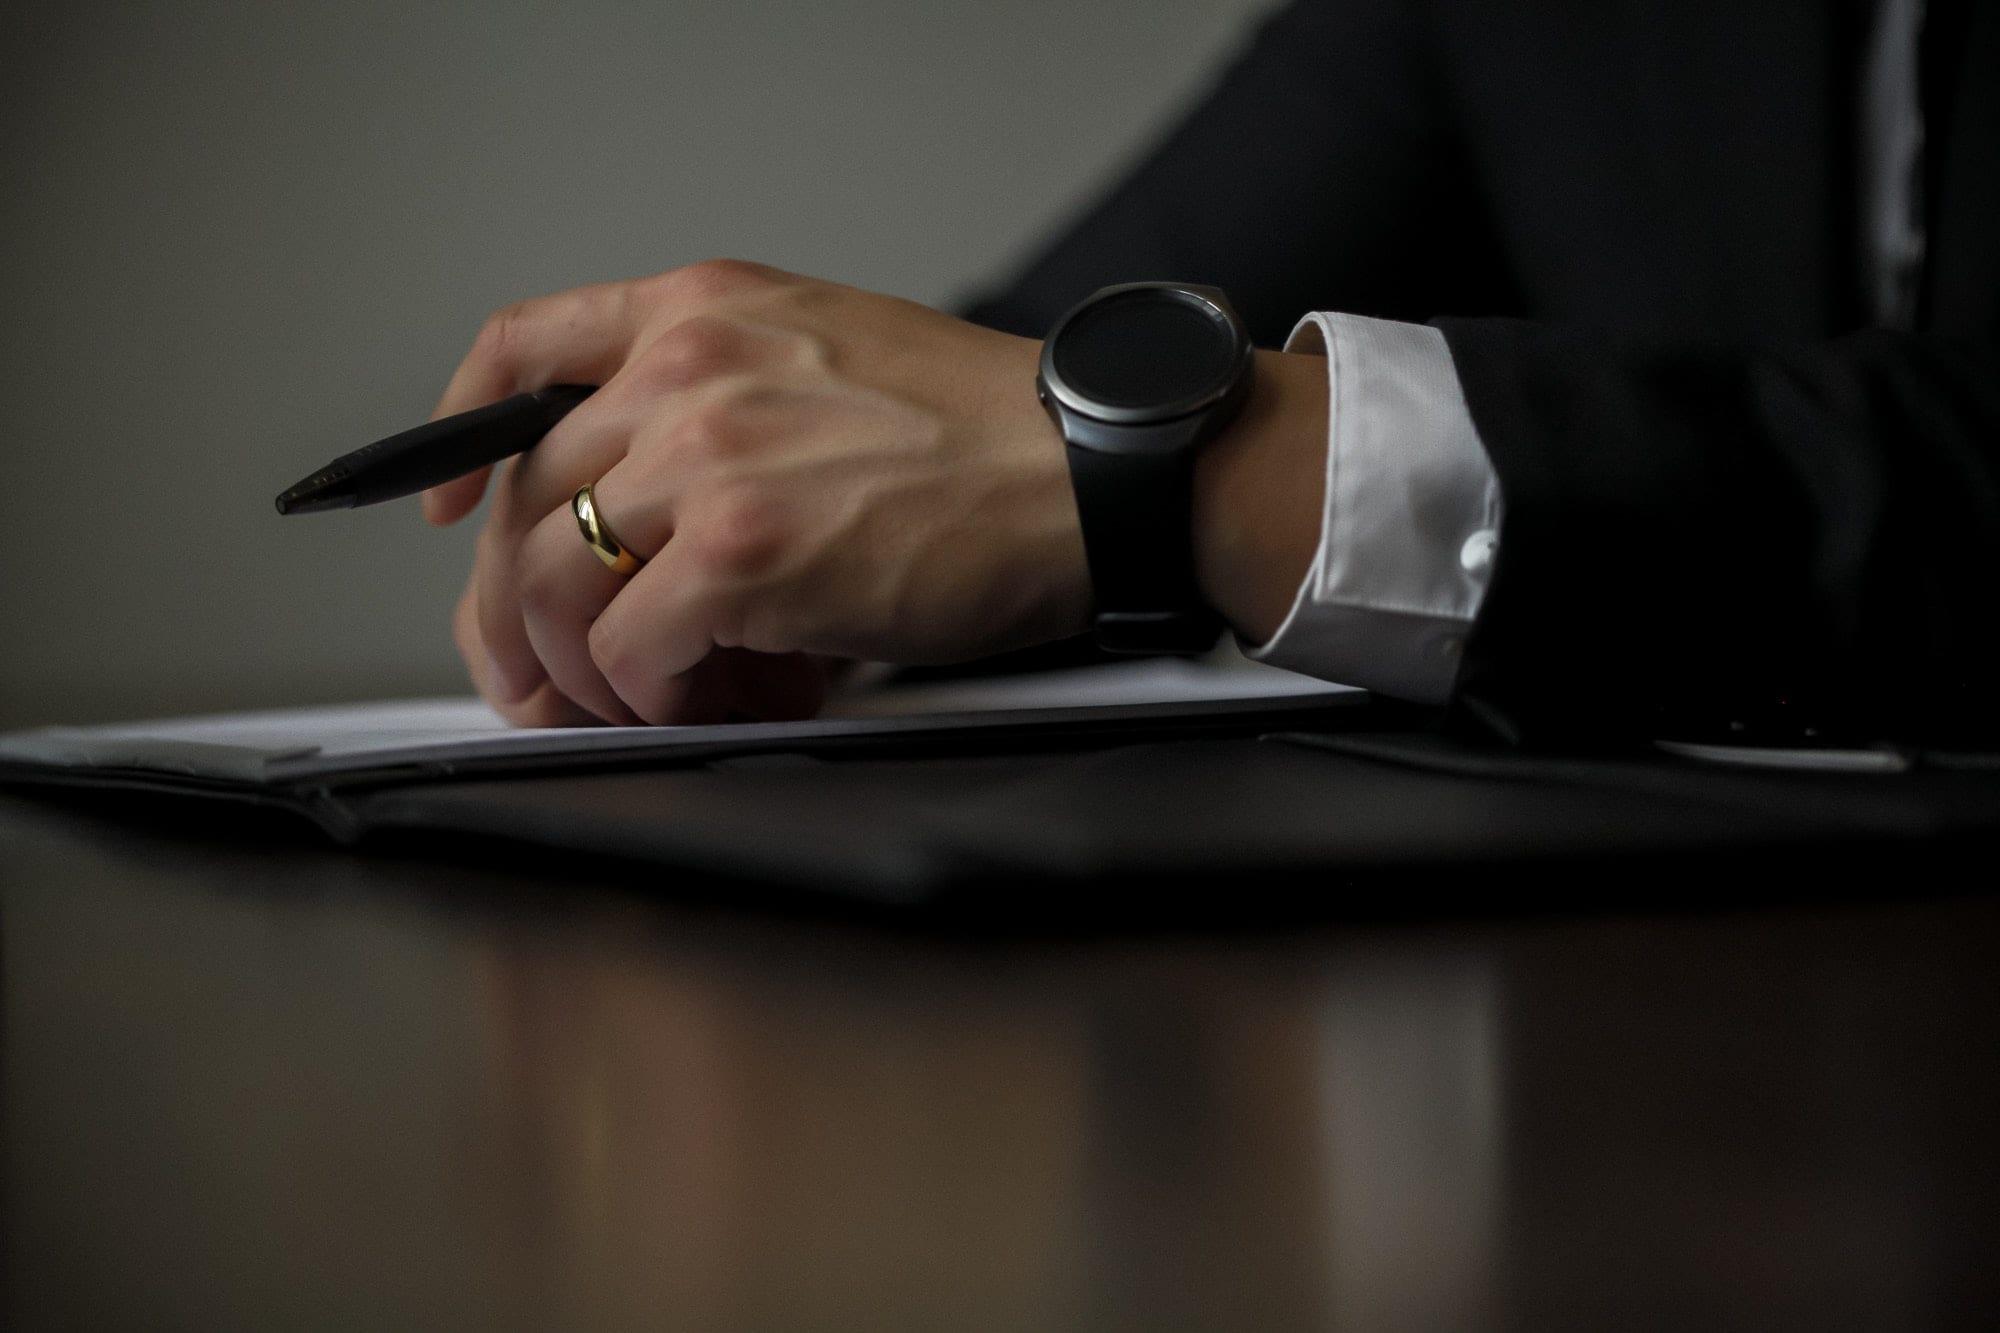 person holding a pen - legal case